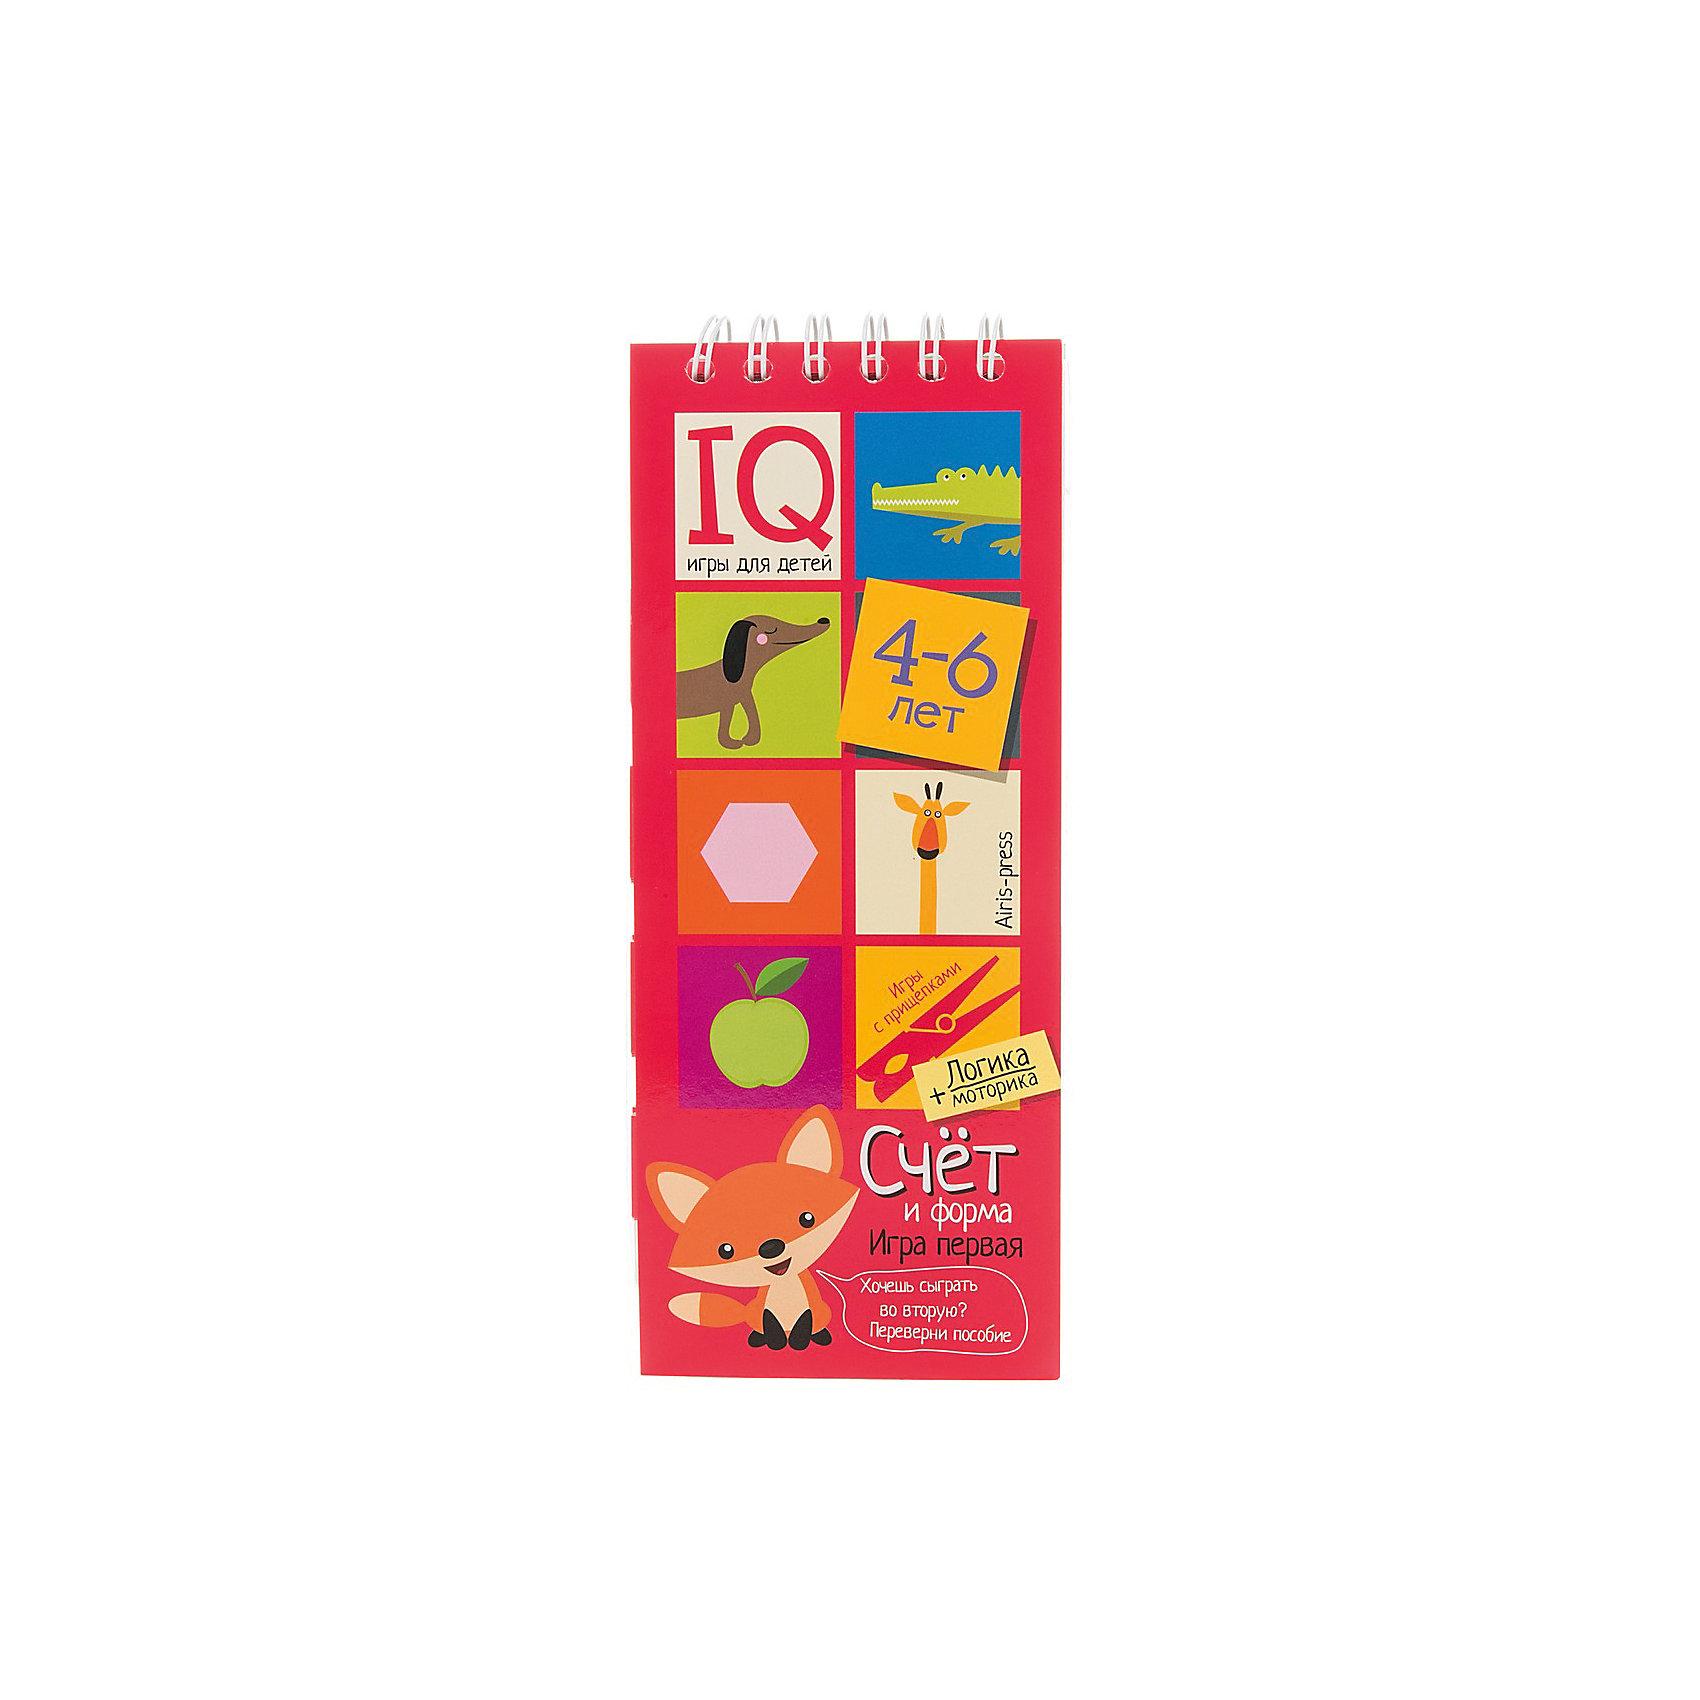 Игры с прищепками Счет и формаКниги для развития мышления<br>Характеристики товара:<br><br>• возраст: от 4 лет<br>• комплектация: блокнот на пружине, состоящий из 30 картонных карточек; 8 разноцветных прищепок.<br>• производитель: Айрис-пресс<br>• серия: IQ игры<br>• иллюстрации: цветные<br>• размер блокнота: 23,5х9,5х1,5 см.<br>• размер прищепки: 3,5х0,5х1 см.<br><br>«Счёт и форма» – это игровой комплект, с помощью которого ребенок научится считать до 10, познакомится с основными геометрическими формами, разовьет логическое мышление, внимание, мелкую моторику и координацию.<br><br>Комплект представляет собой небольшой блокнот на пружине, состоящий из 30 картонных карточек, и 8 разноцветных прищепок. Ребенок должен составить пары из картинок, подбирая их по количеству предметов или по форме. Напротив парных изображений он закрепляет прищепки одного цвета. Чтобы узнать правильный ответ, достаточно перевернуть страничку и провести рукой по лабиринту на обратной стороне. Если линия соединяет прищепки одного цвета, значит задание выполнено, правильно.<br><br>Простота и удобство комплекта позволяют использовать его в детском саду, дома и на отдыхе.<br><br>Игры с прищепками Счет и форма можно купить в нашем интернет-магазине.<br><br>Ширина мм: 15<br>Глубина мм: 95<br>Высота мм: 240<br>Вес г: 138<br>Возраст от месяцев: 48<br>Возраст до месяцев: 72<br>Пол: Унисекс<br>Возраст: Детский<br>SKU: 6849567